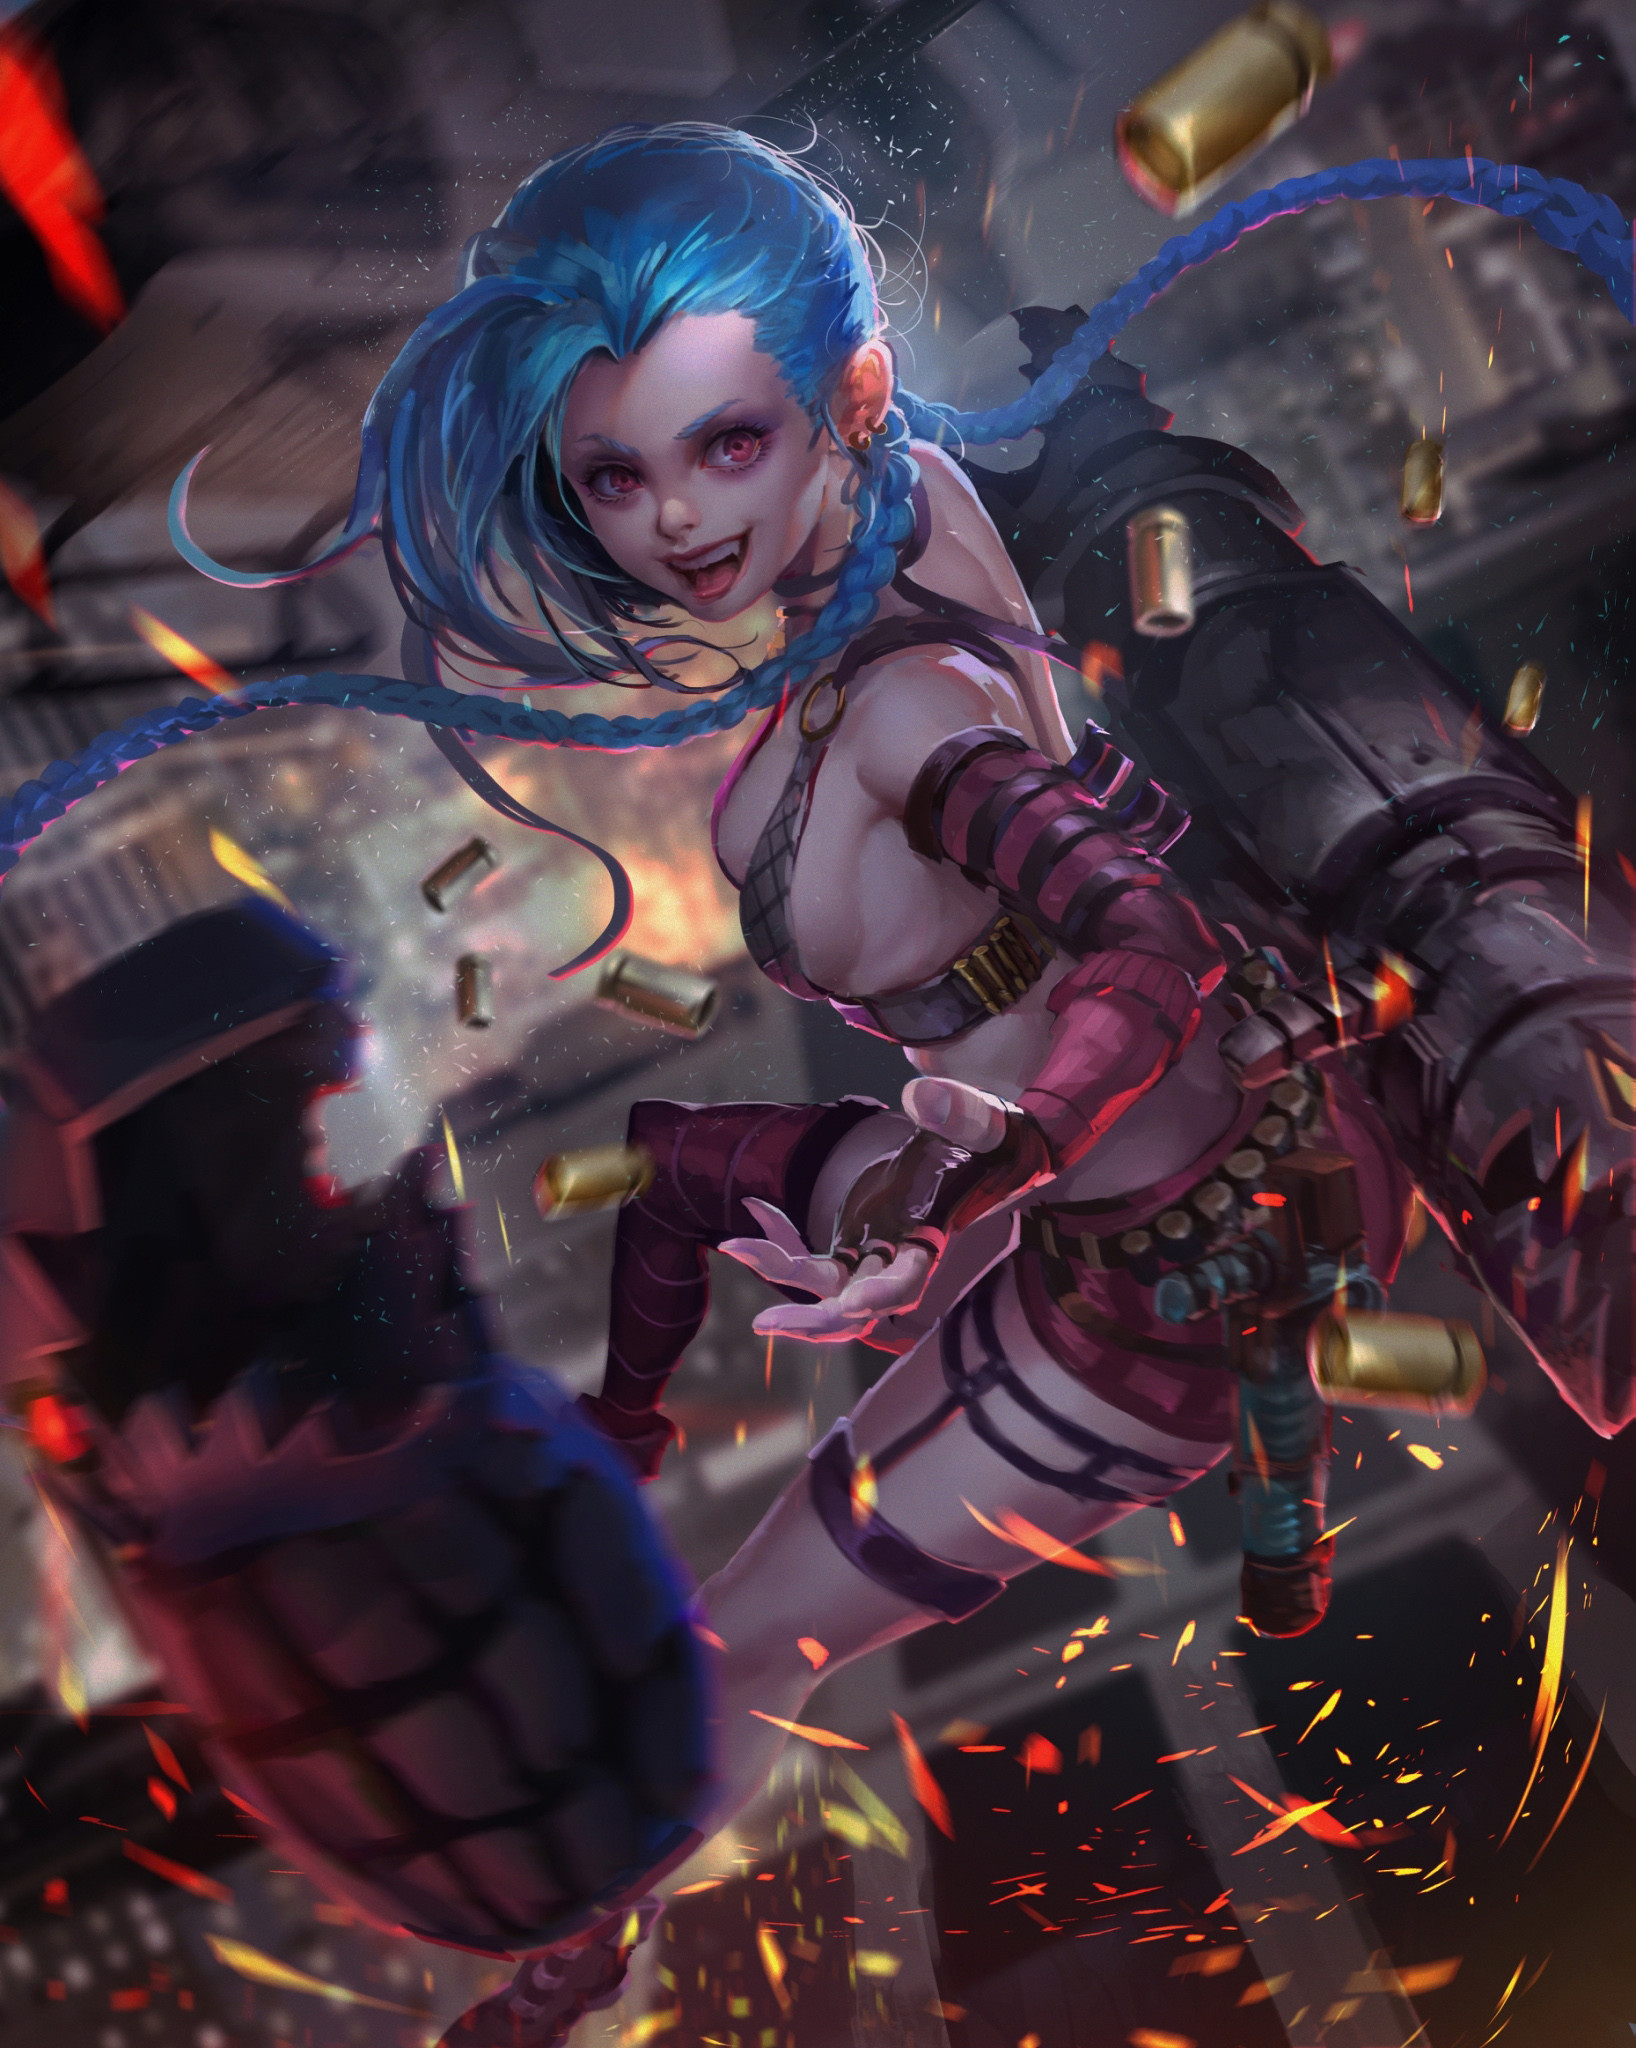 Res: 1636x2048, Jinx by Crow Tian HD Wallpaper Background Fan Art Artwork League of Legends  lol